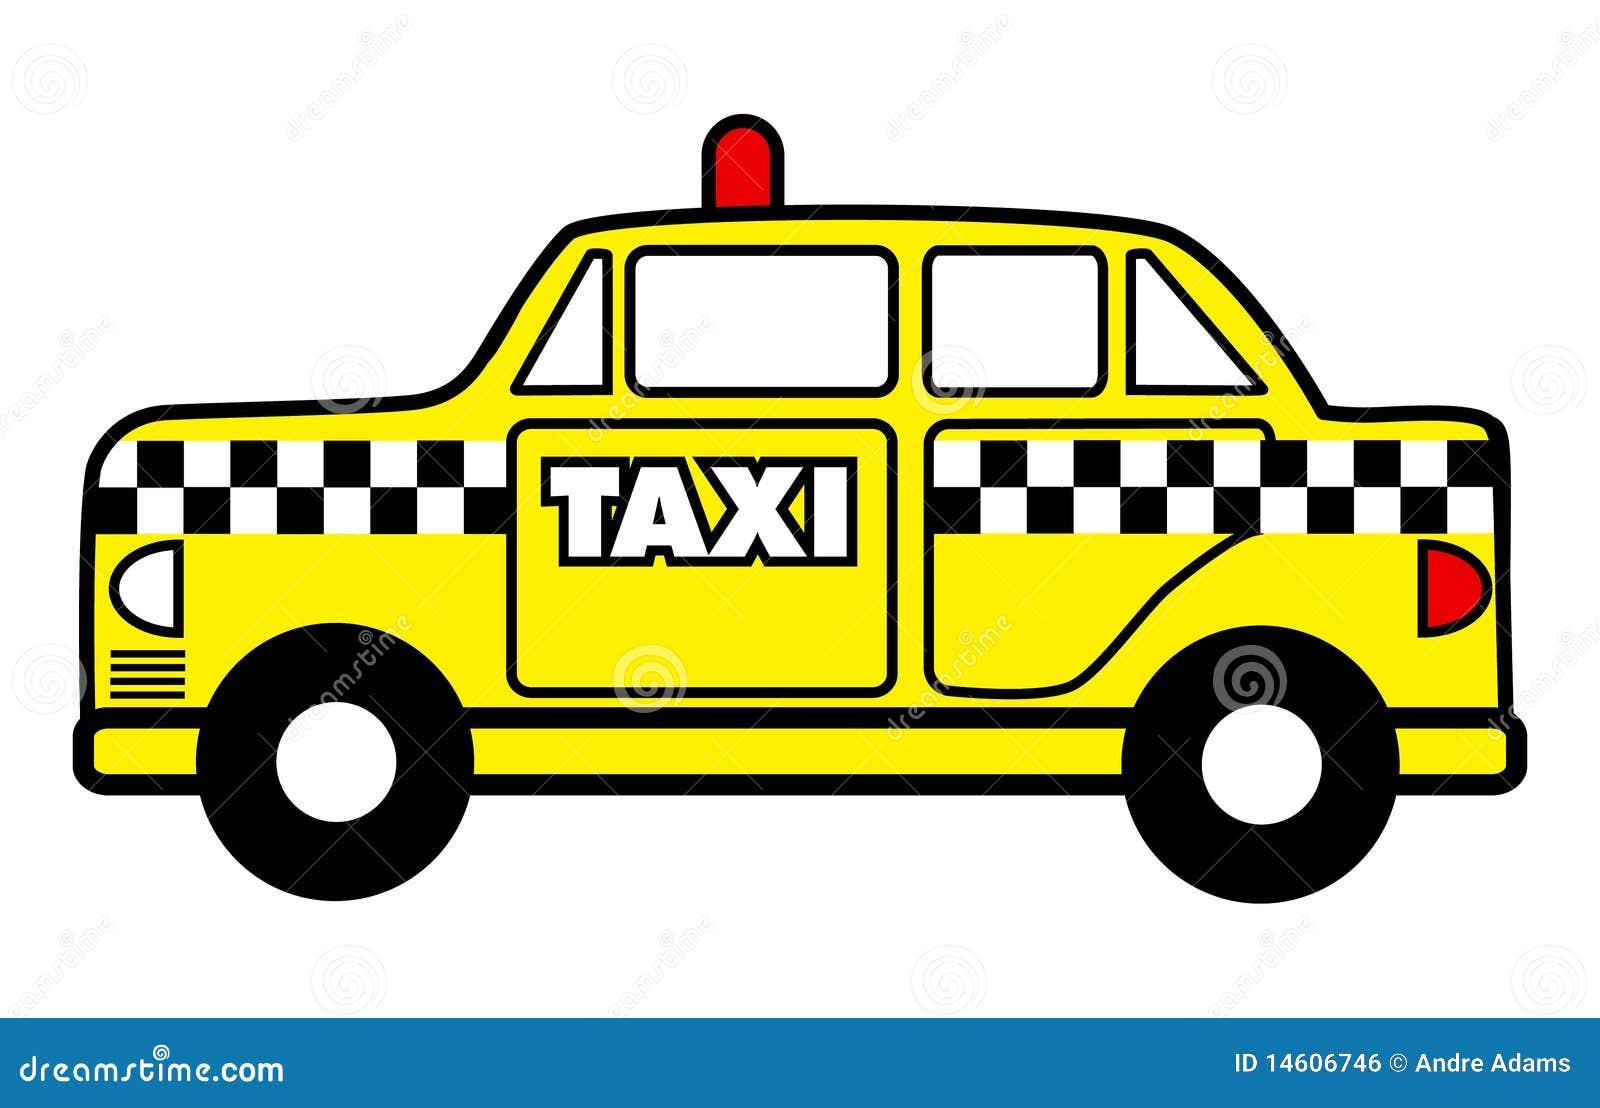 Táxi de táxi